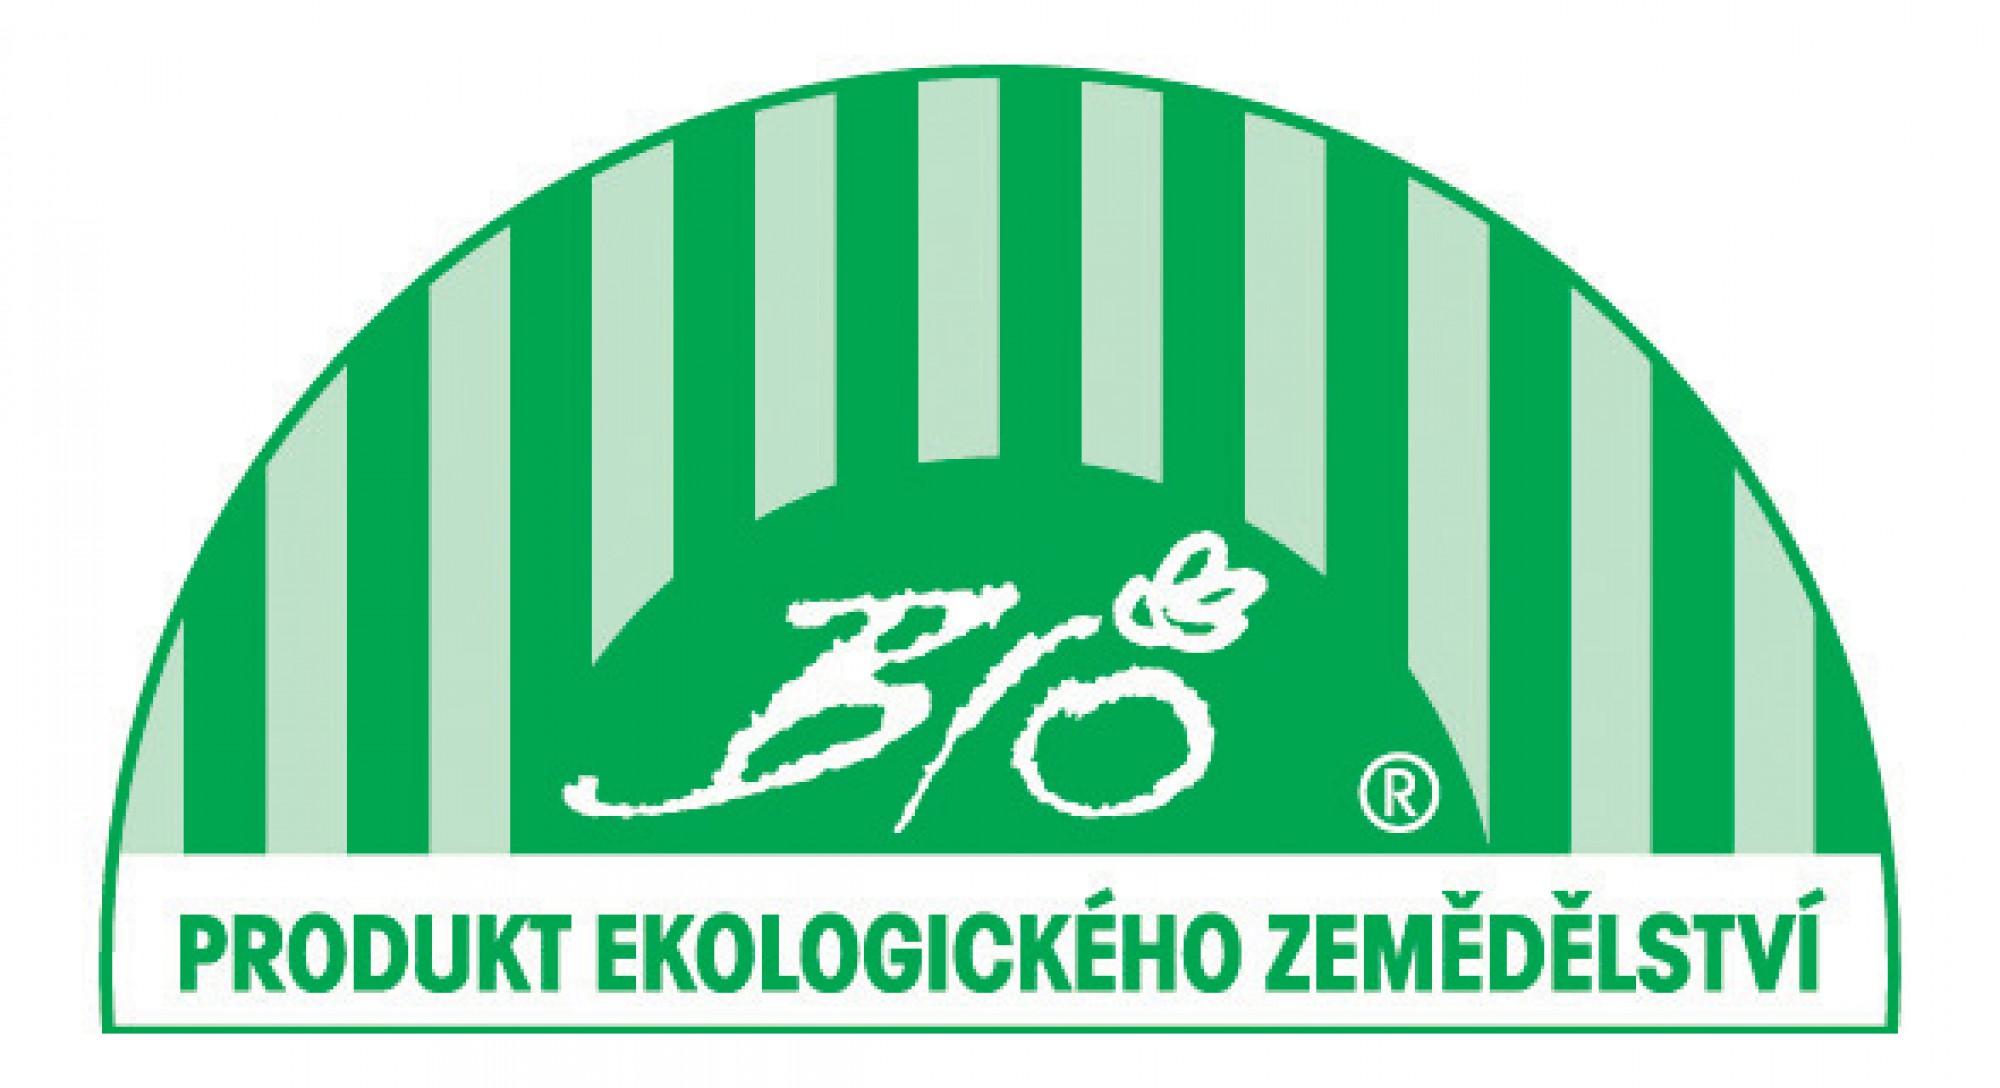 Proč je dobré jíst biopotraviny - Rohlík bloguje c08ed94be65